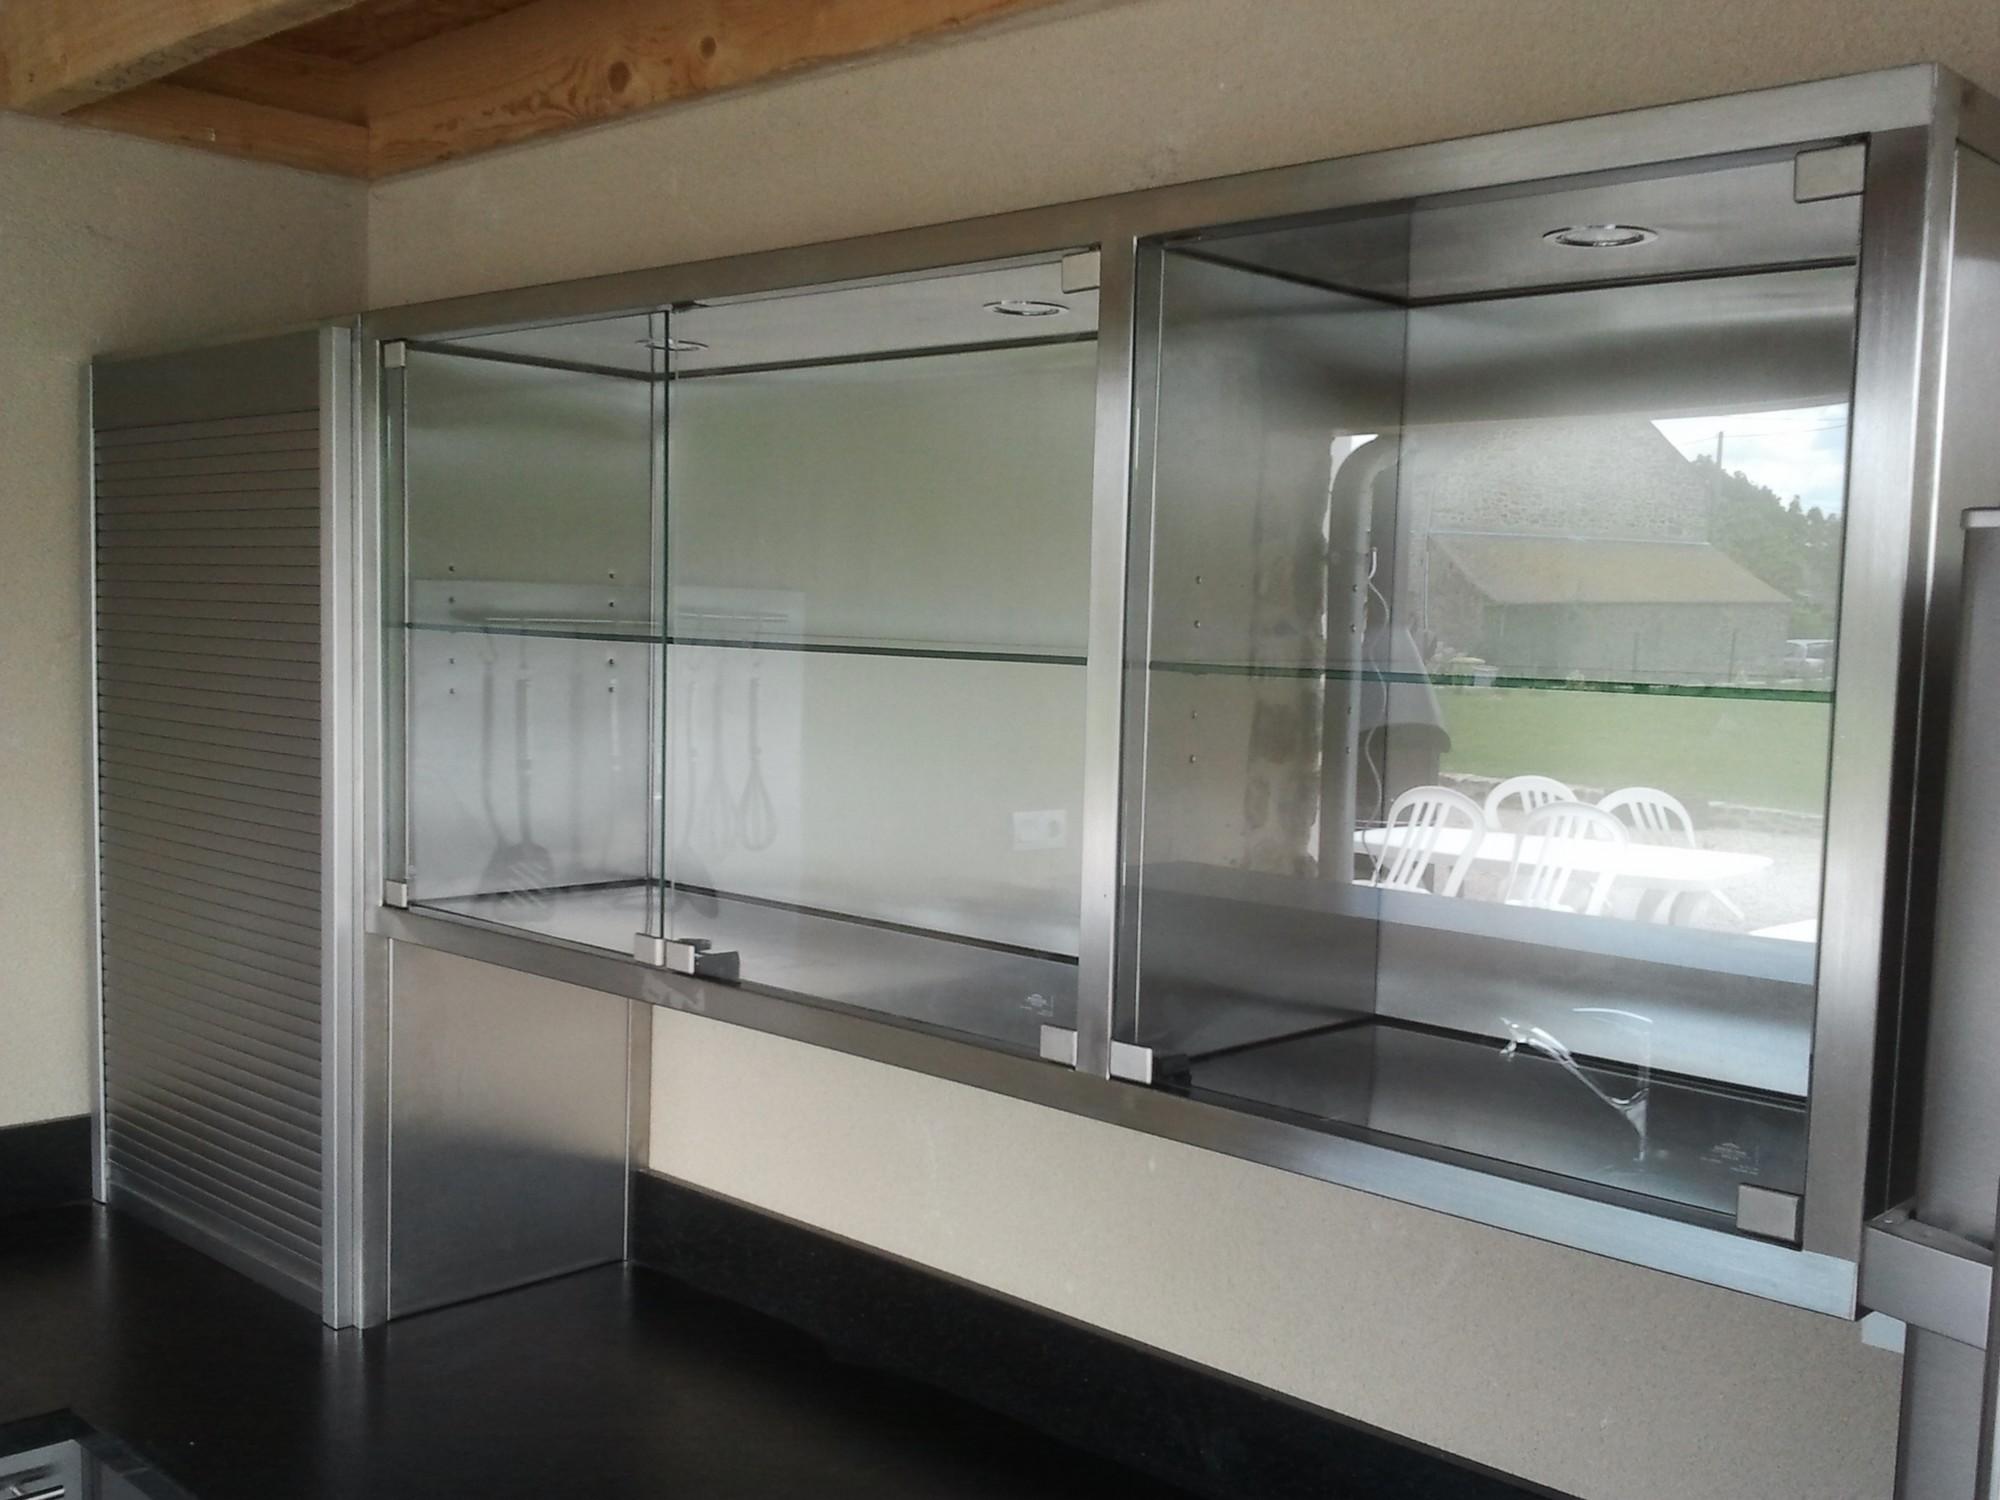 Meuble cuisine inox poigne bouton meuble poigne de porte for Meuble cuisine en metal